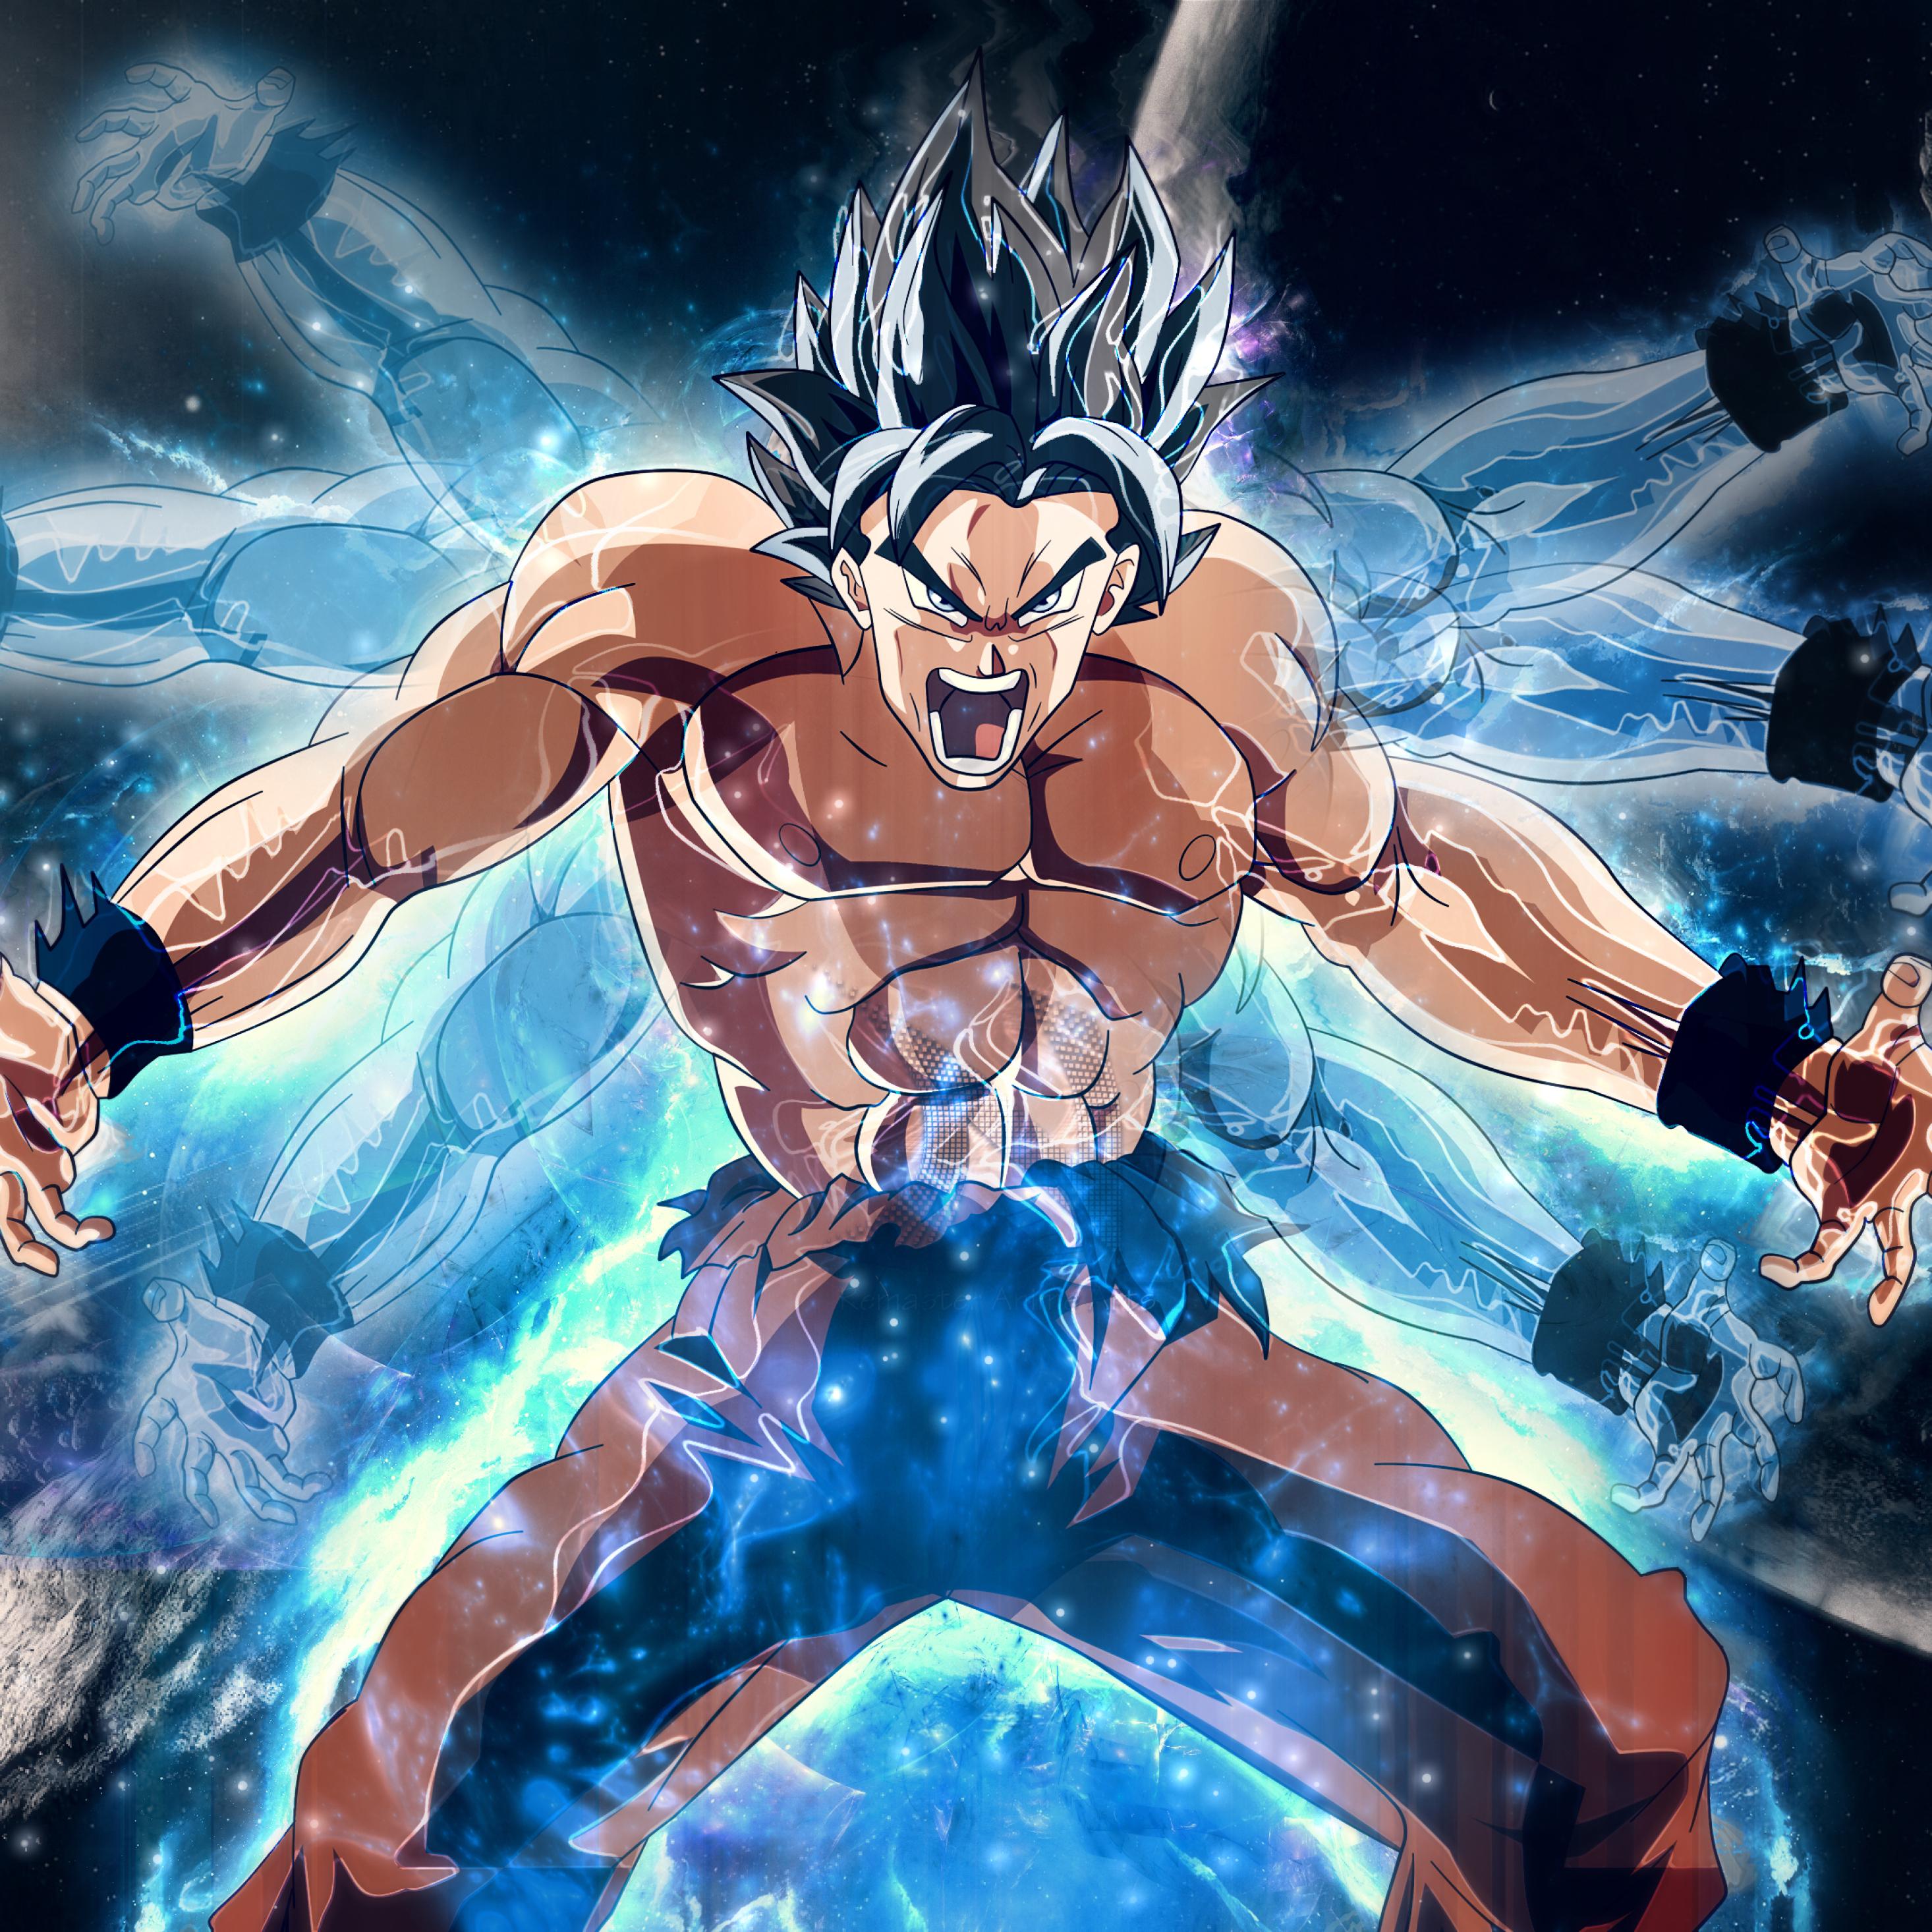 Dragon Ball Super Christmas Wallpaper: Dragon Ball Super Goku Angry, HD 4K Wallpaper